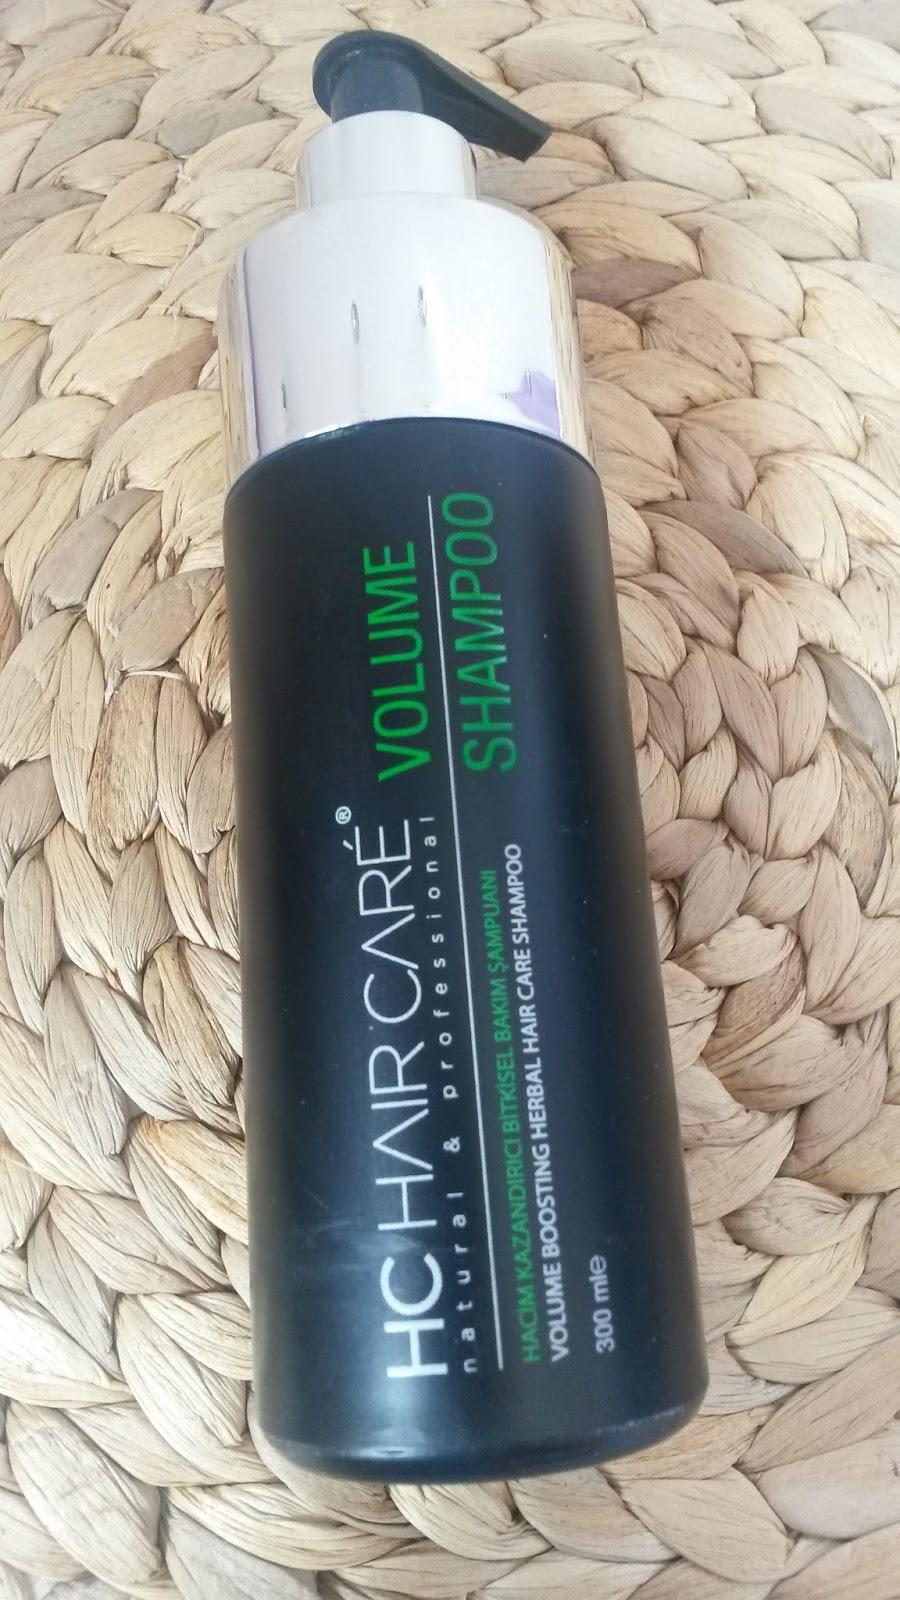 hc hair care volume shampoo